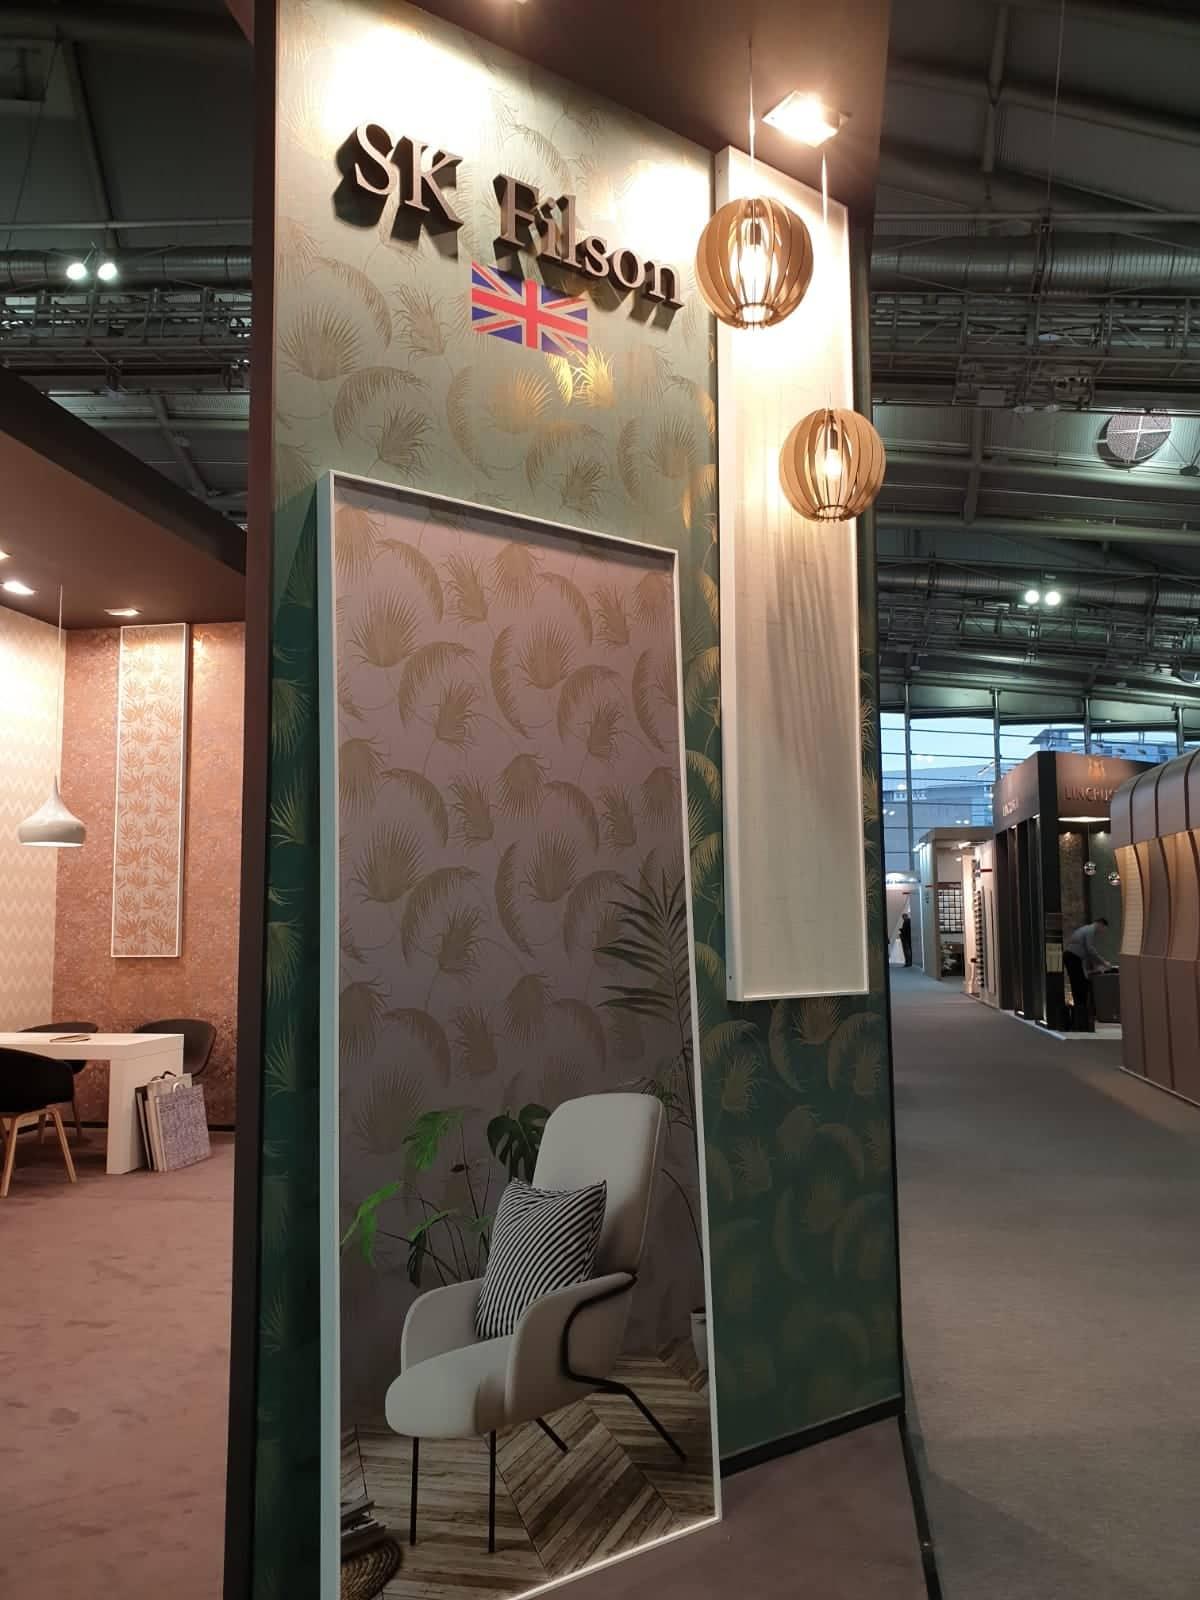 Papier peint sk flsion meubles et d coration tunisie for Papier peint tunisie